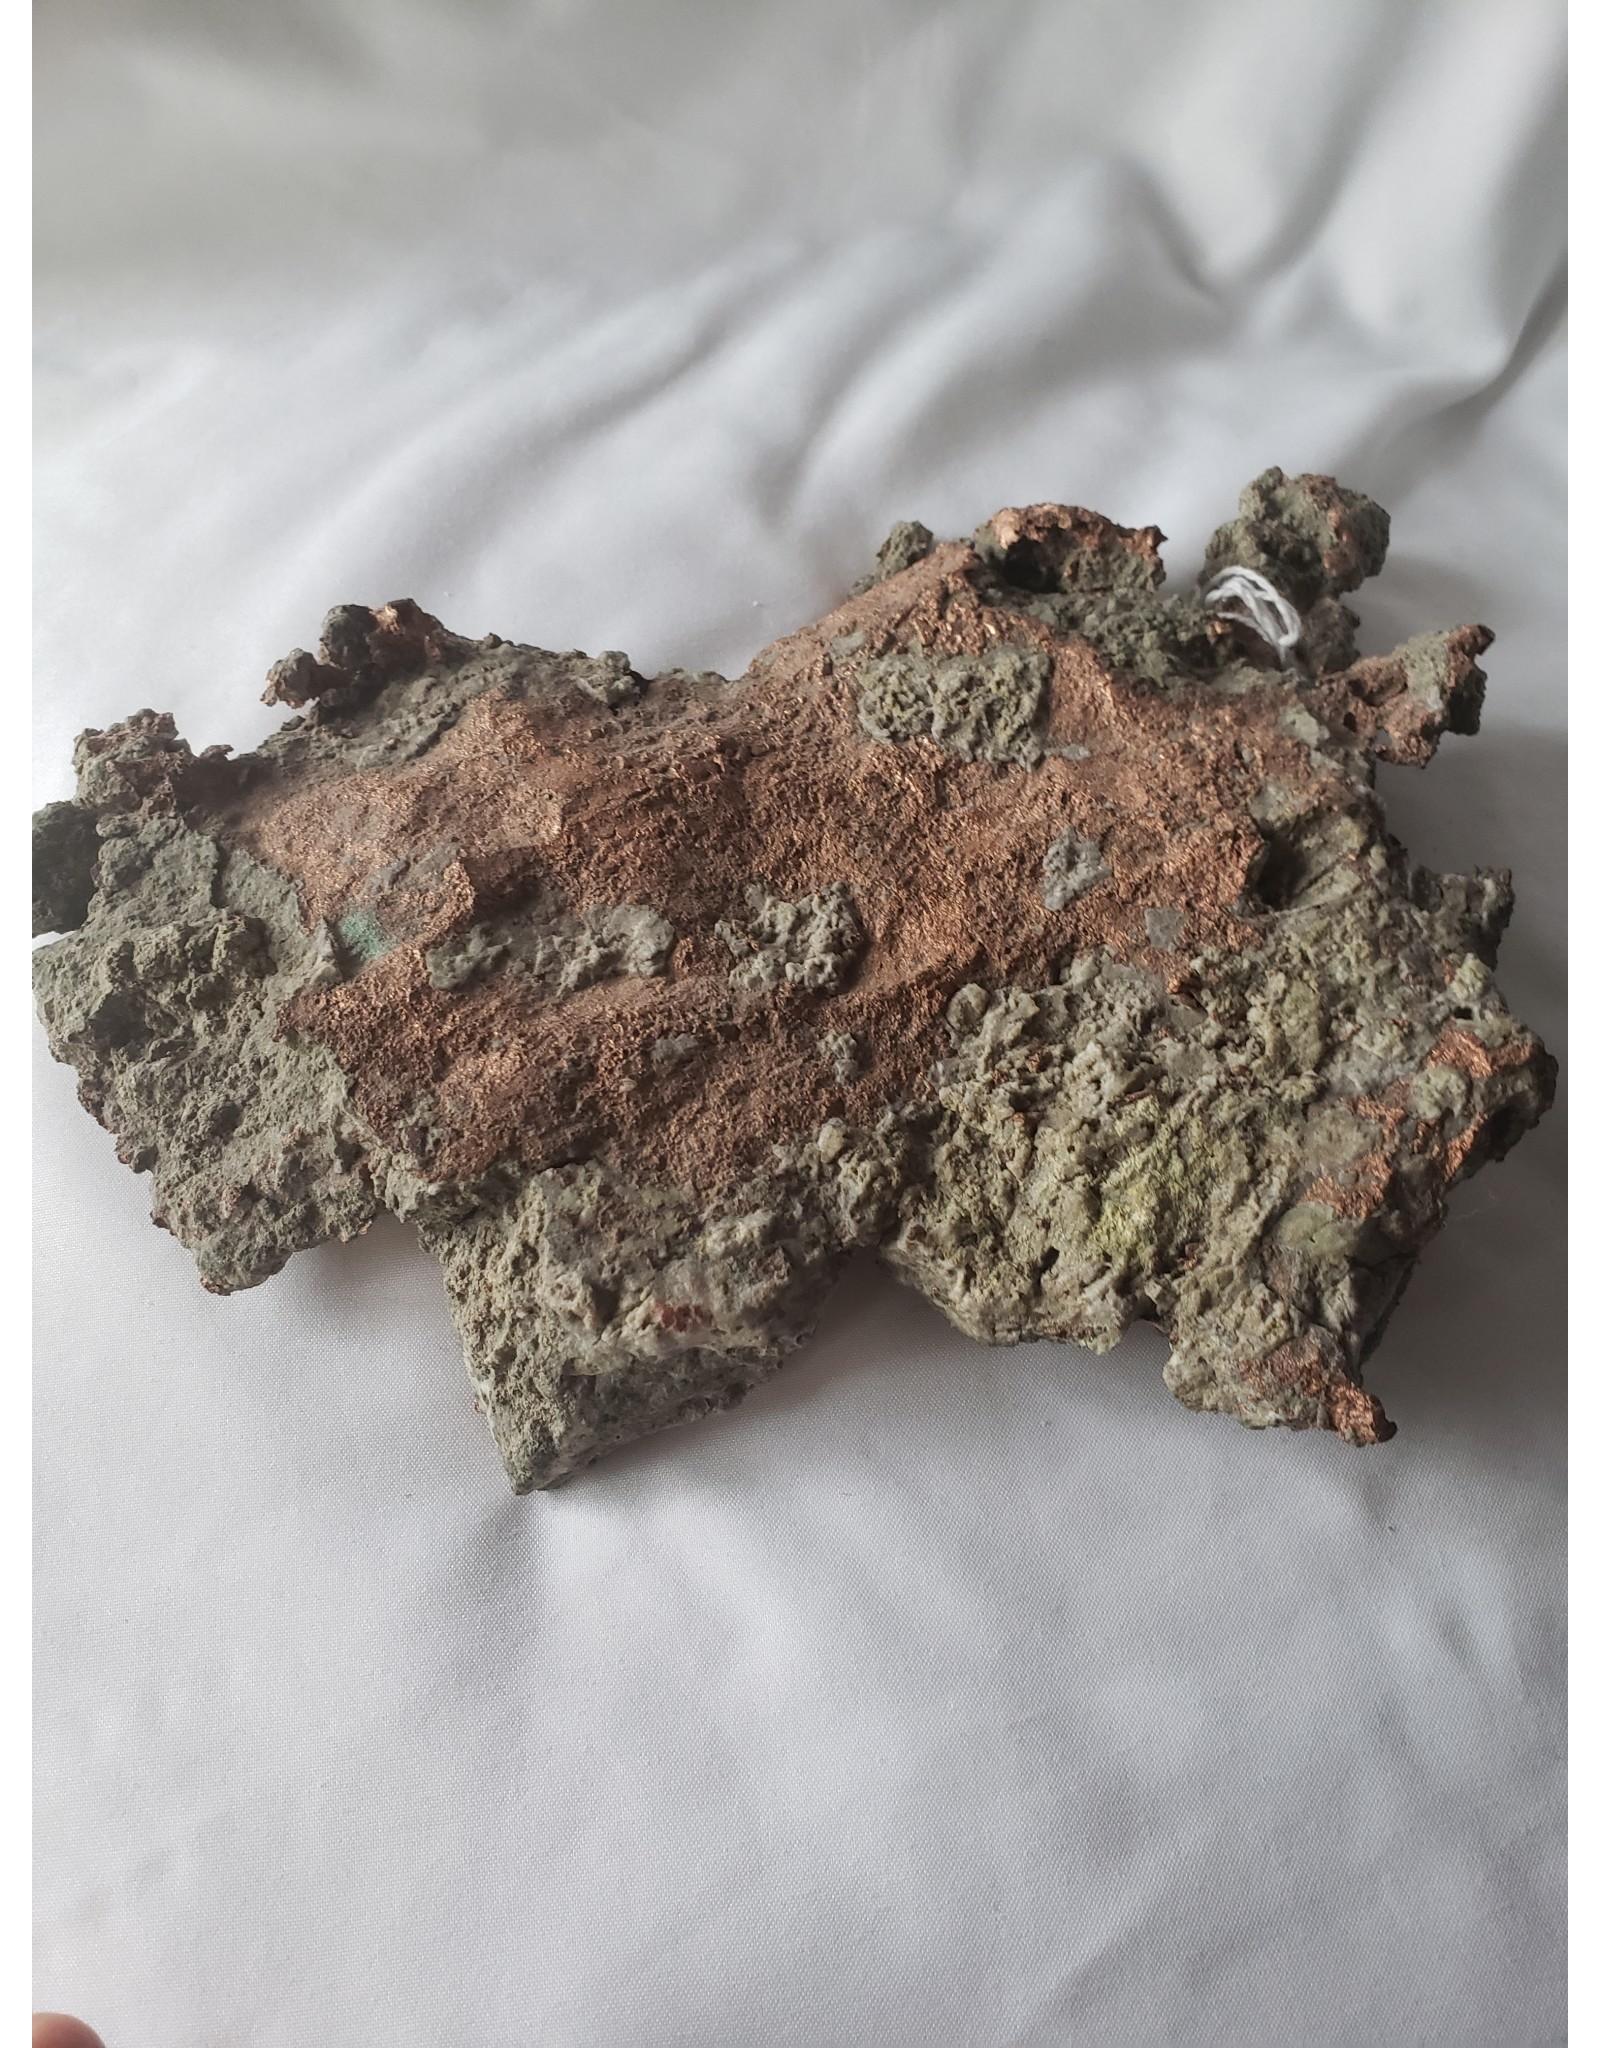 Native Copper Michigan